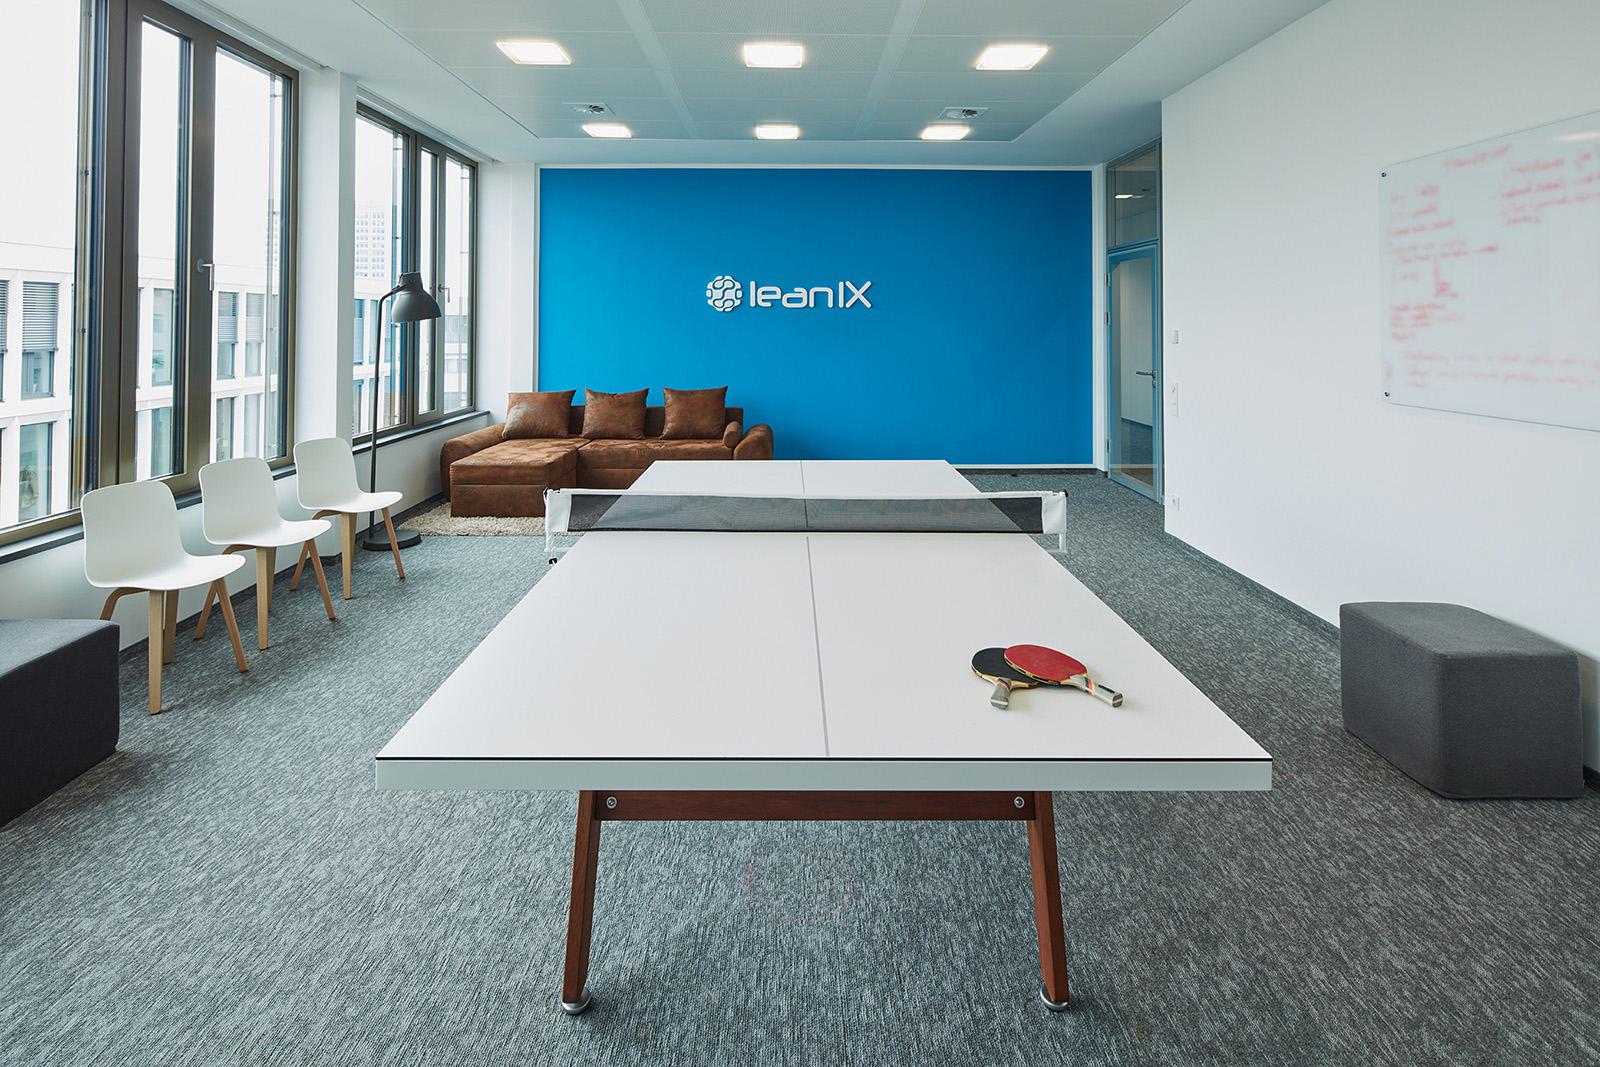 No escritório da LeanIX (Bonn, Alemanha) a mesa de tênis pode se transformar em uma mesa de reunião e vice-versa. Crédito reprodução: officelovin